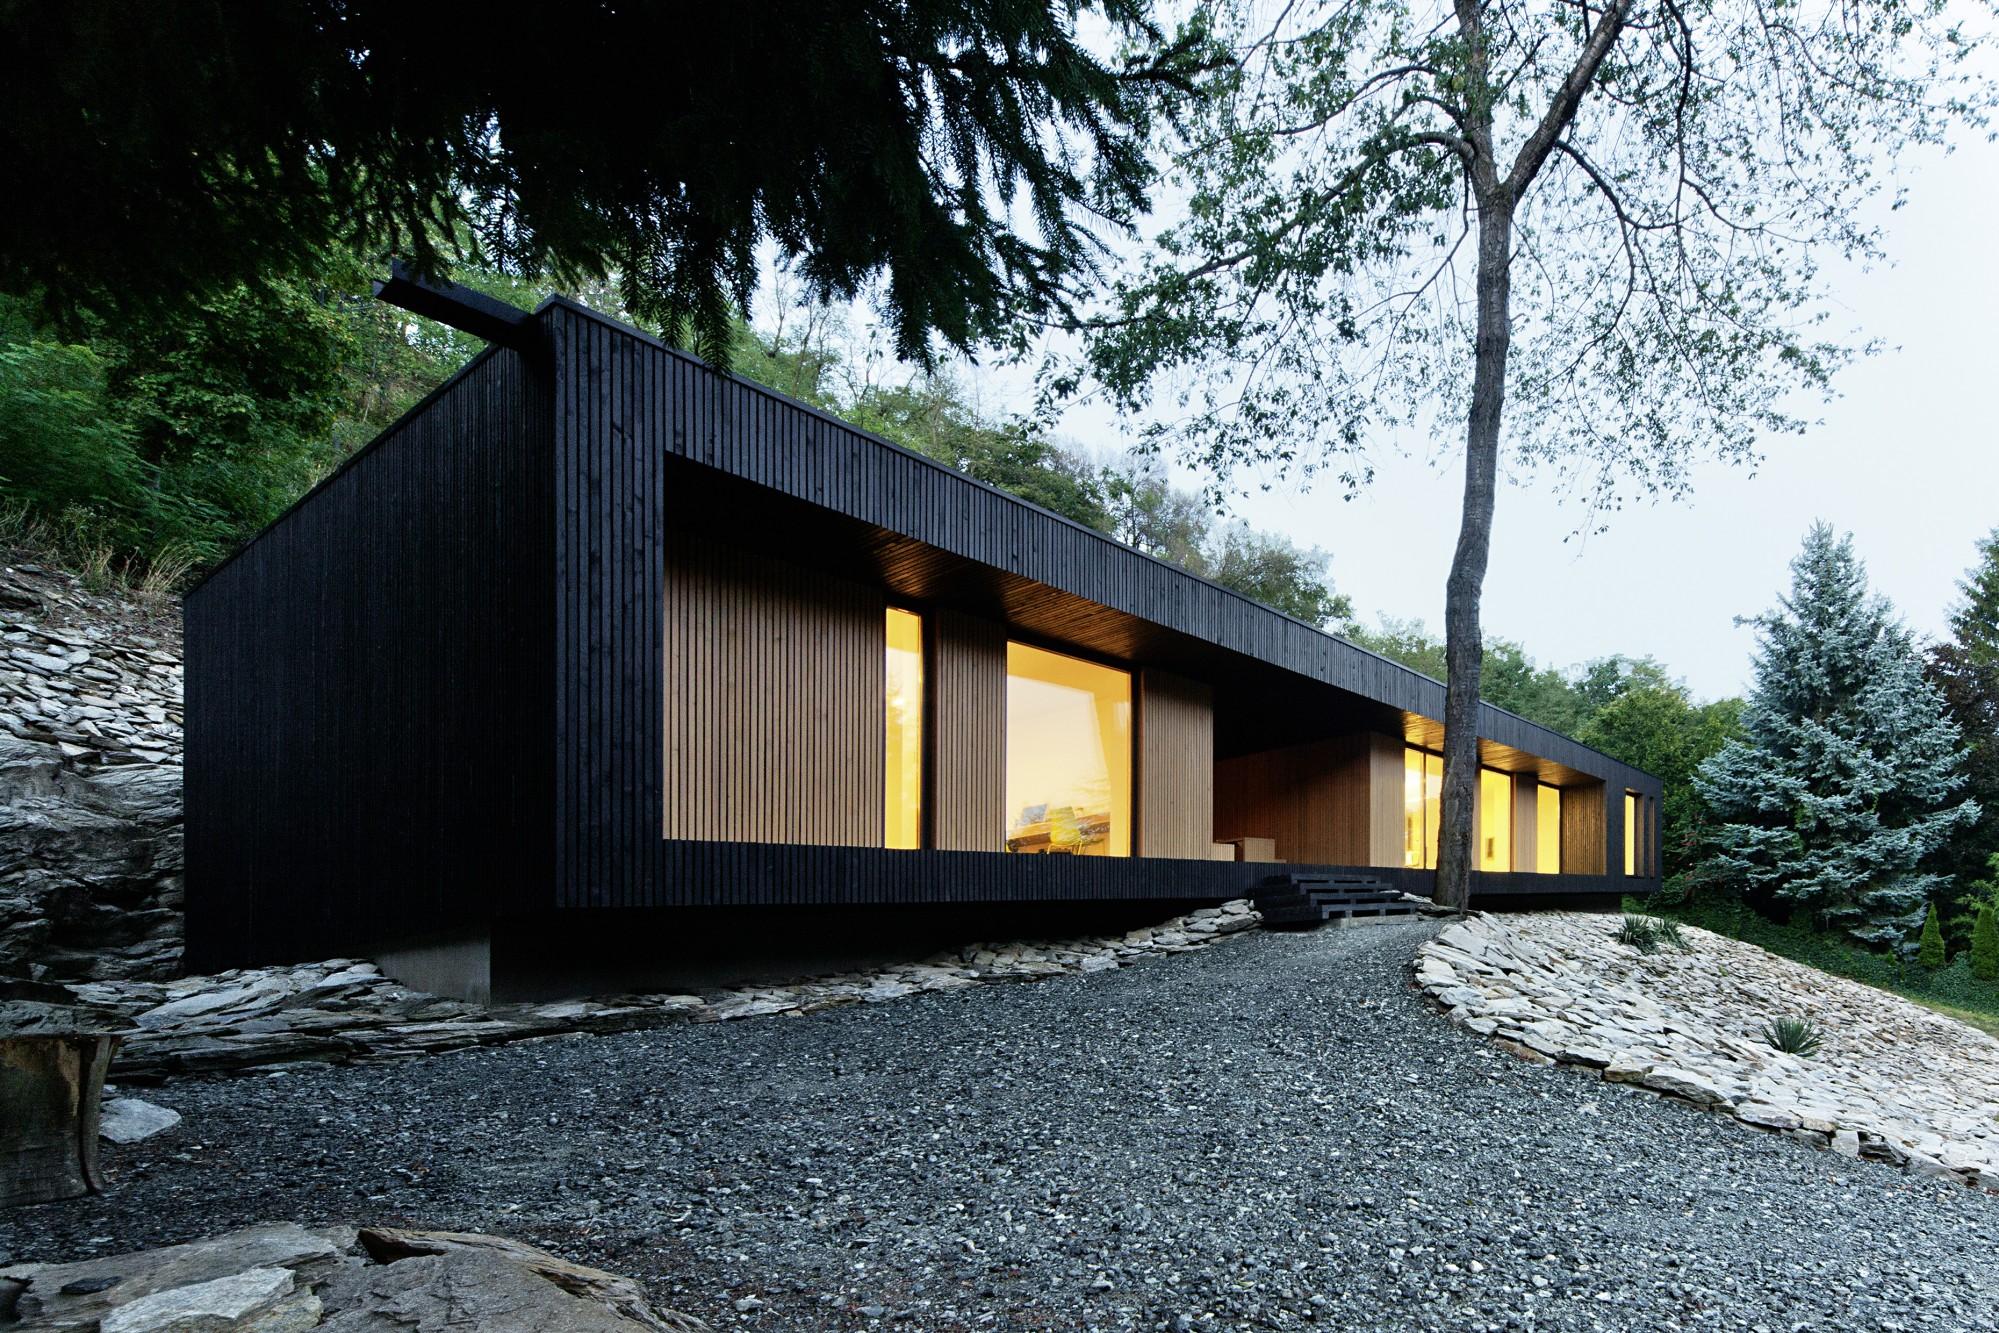 vente et pose de baies coulissantes levage en bois aluminium aix en provence afp 13. Black Bedroom Furniture Sets. Home Design Ideas